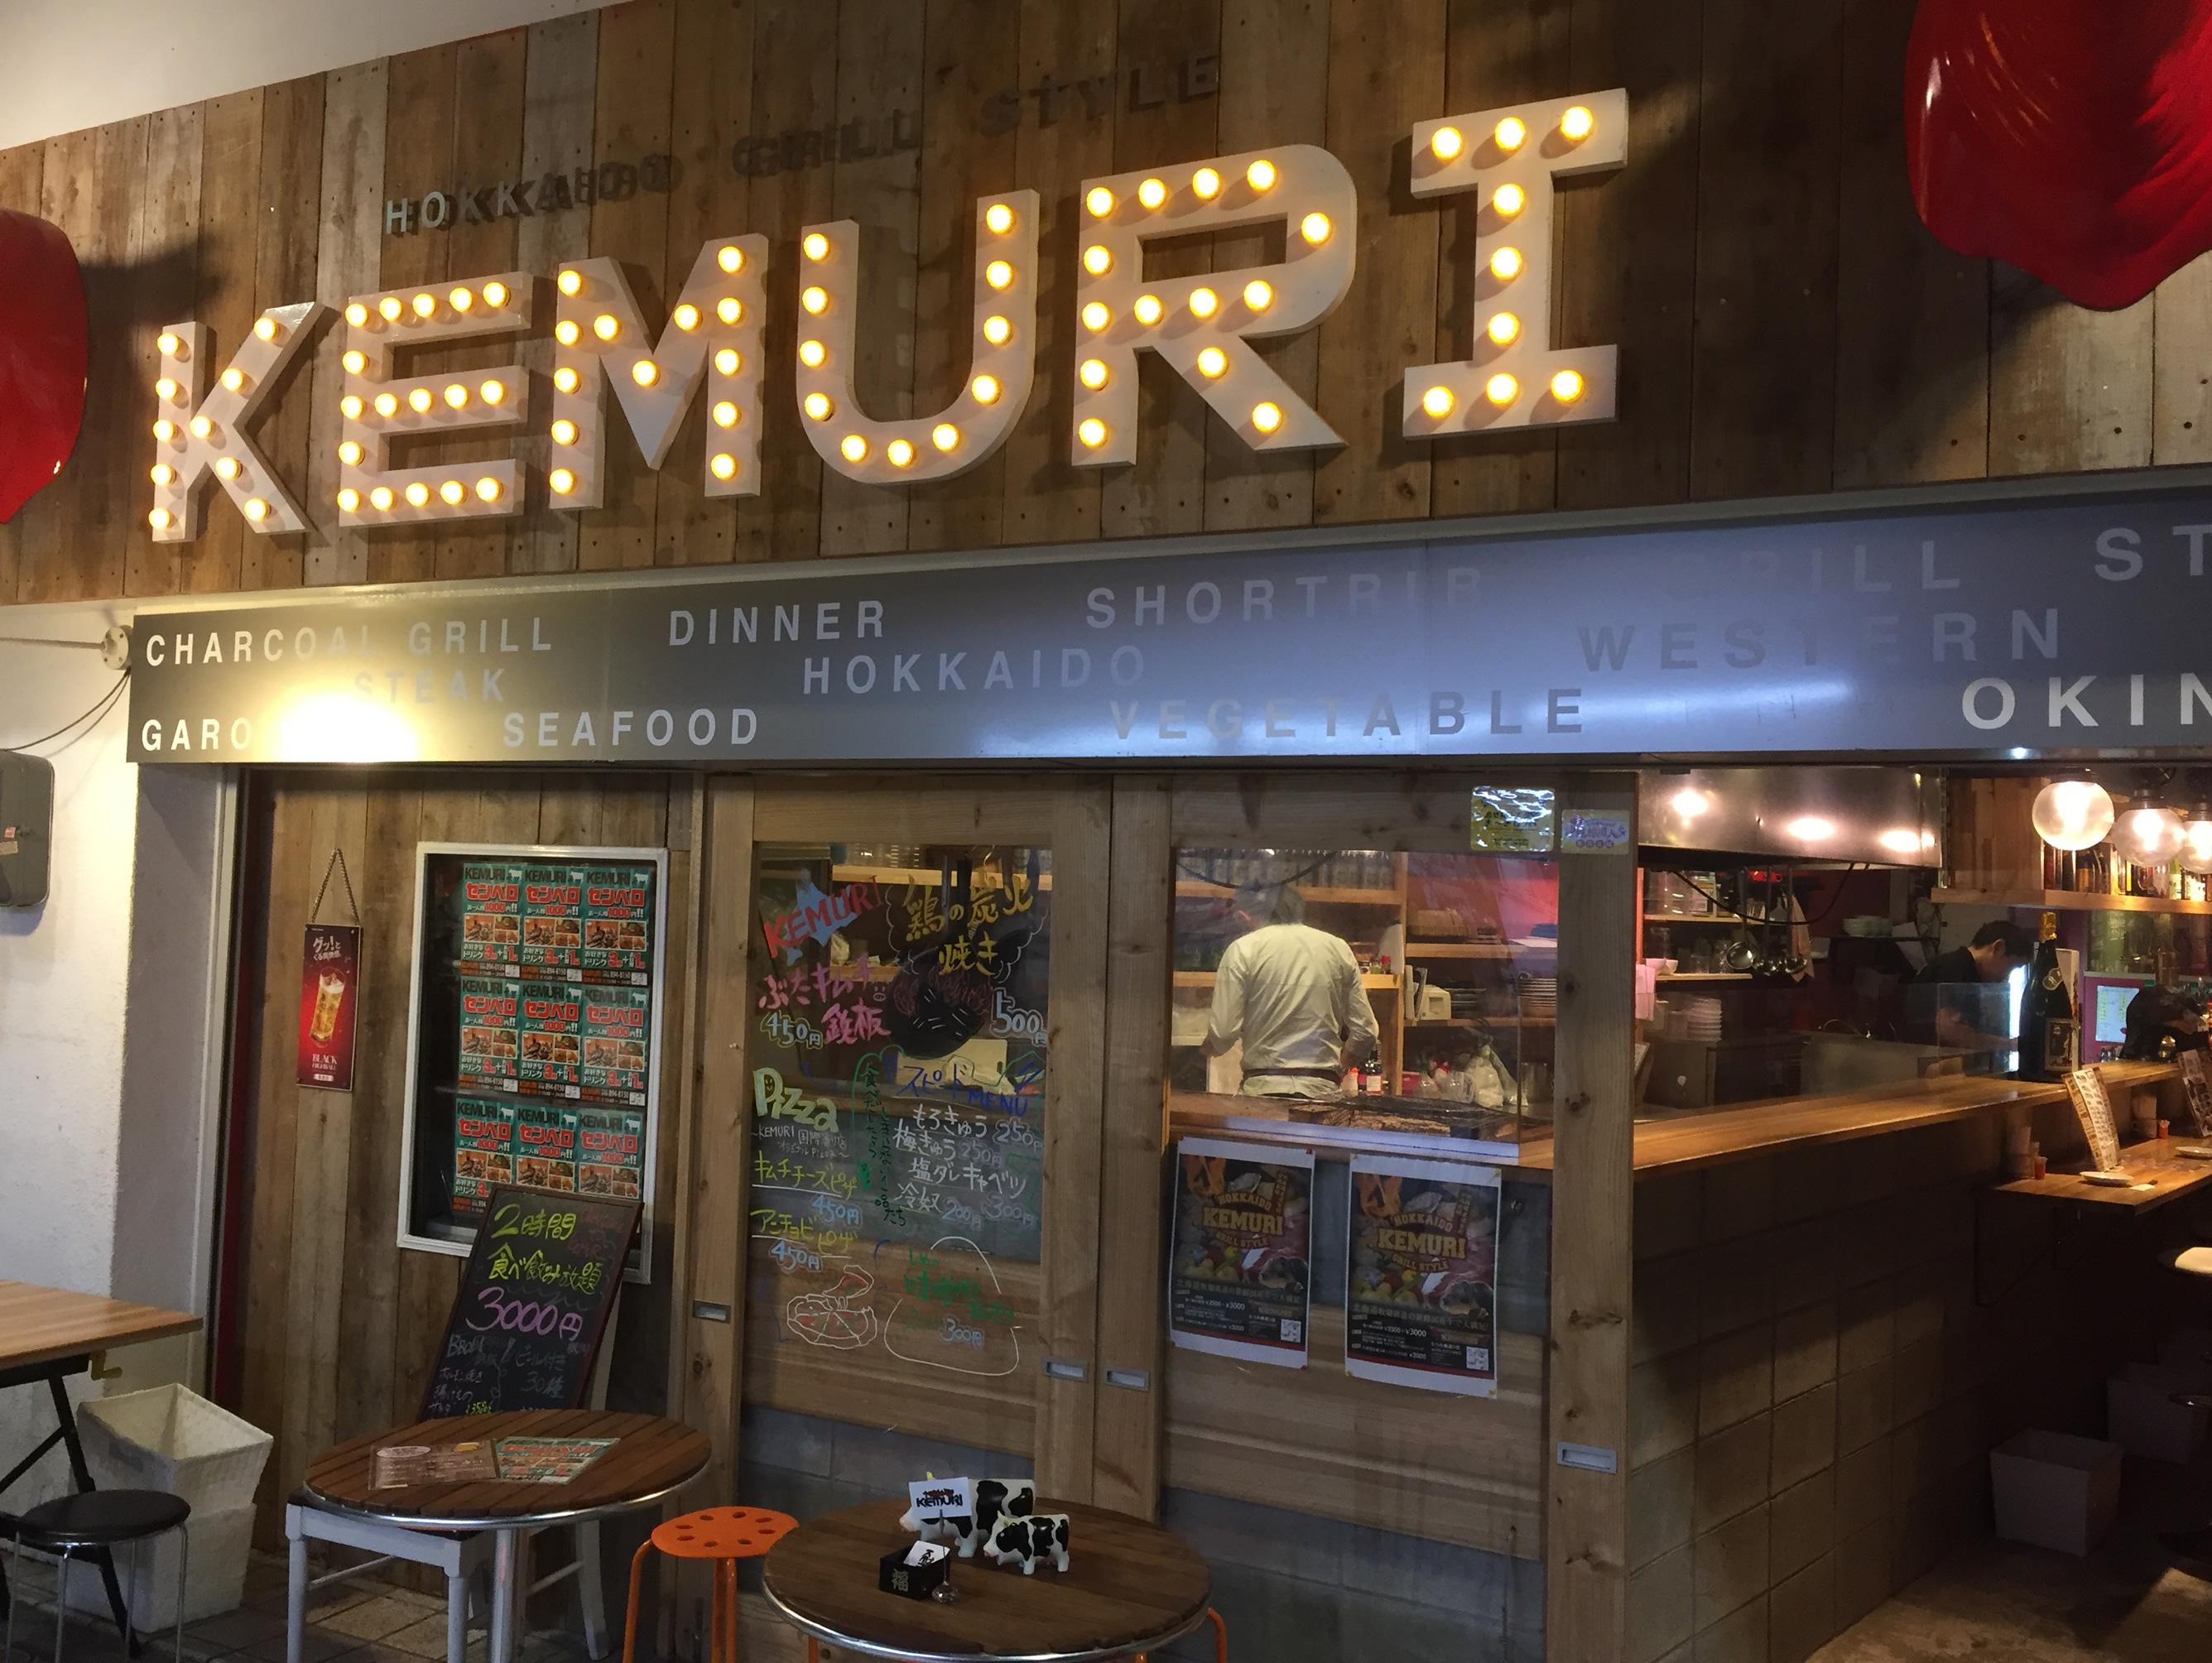 【那覇 せんべろ】ハラミステーキと+3杯で1,000円!KEMURI 国際通り店